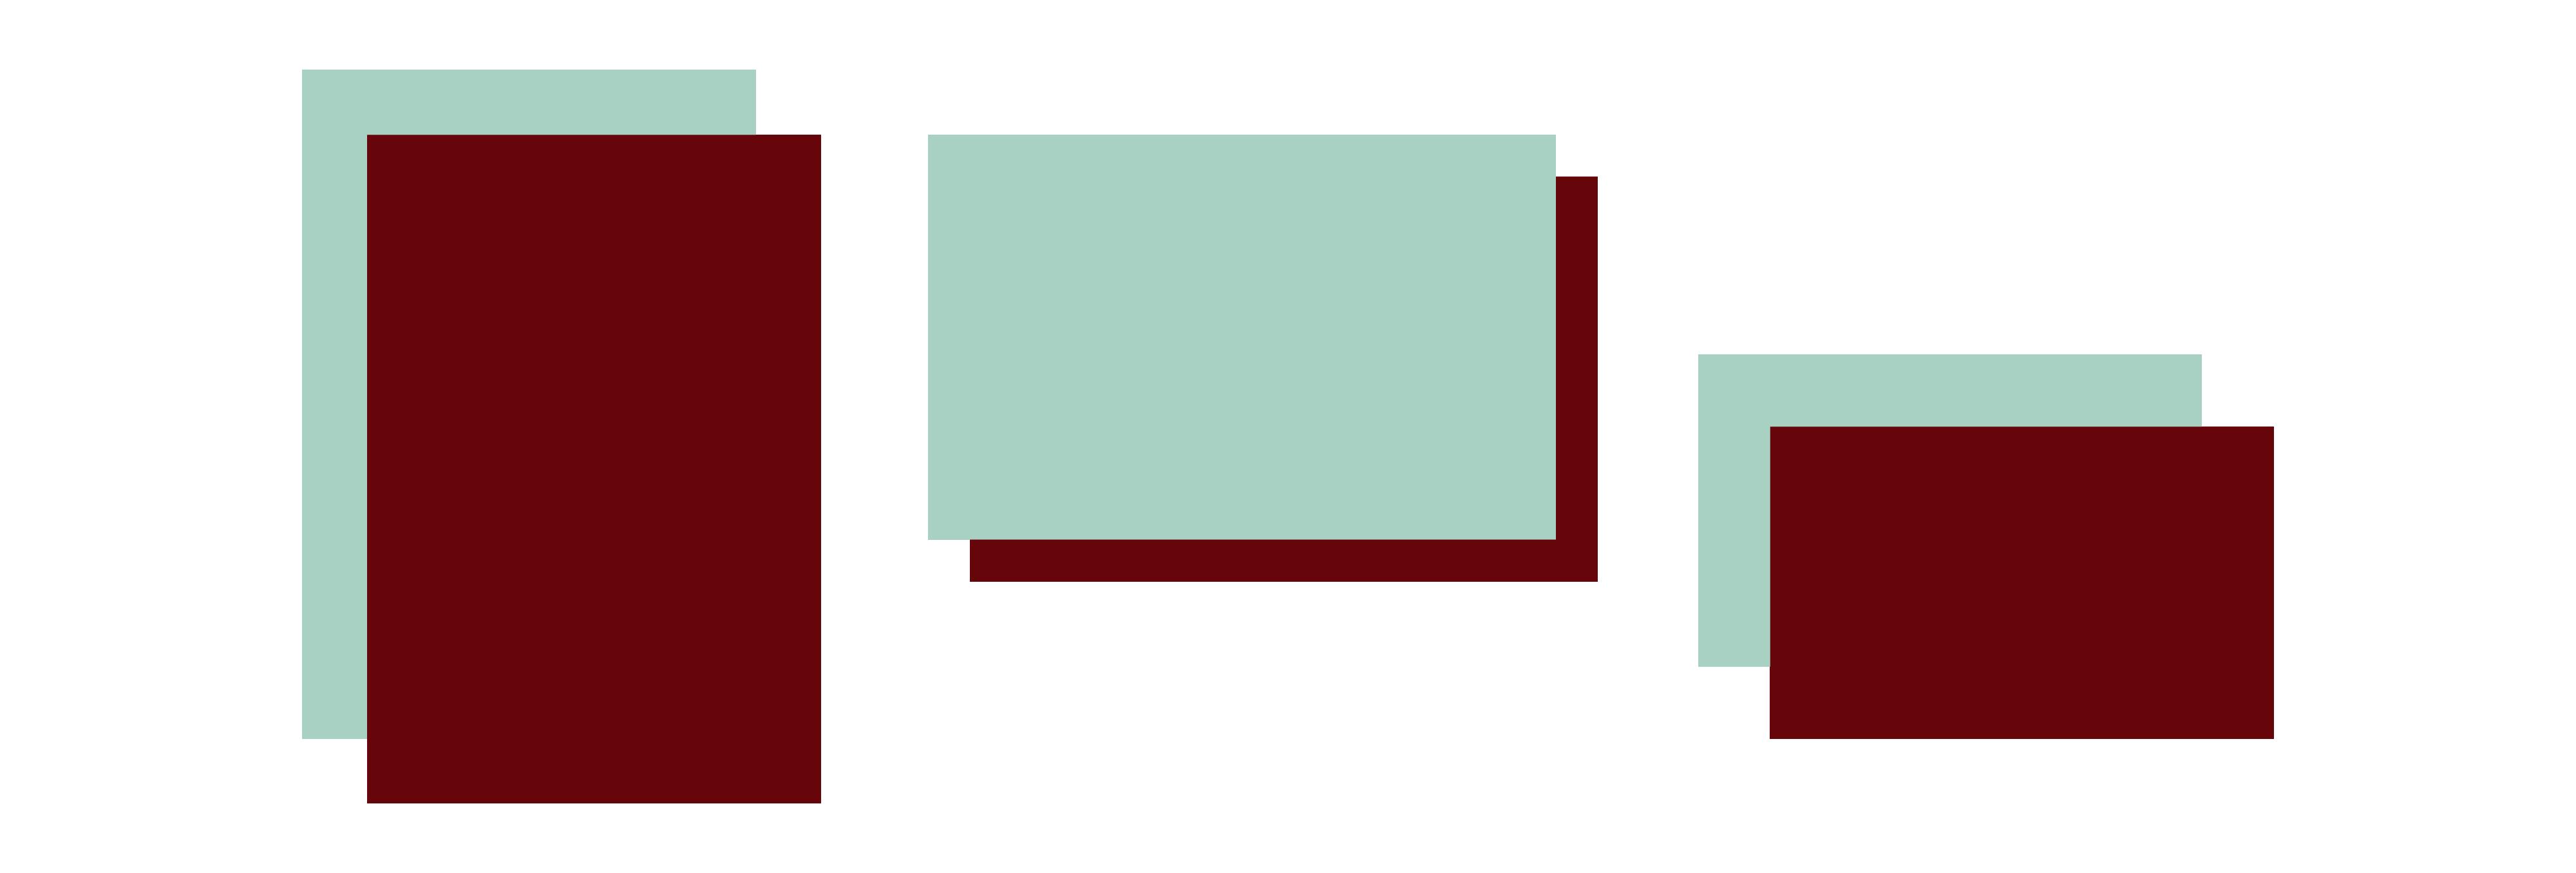 vmp_layoutprinsipper_bilder-09